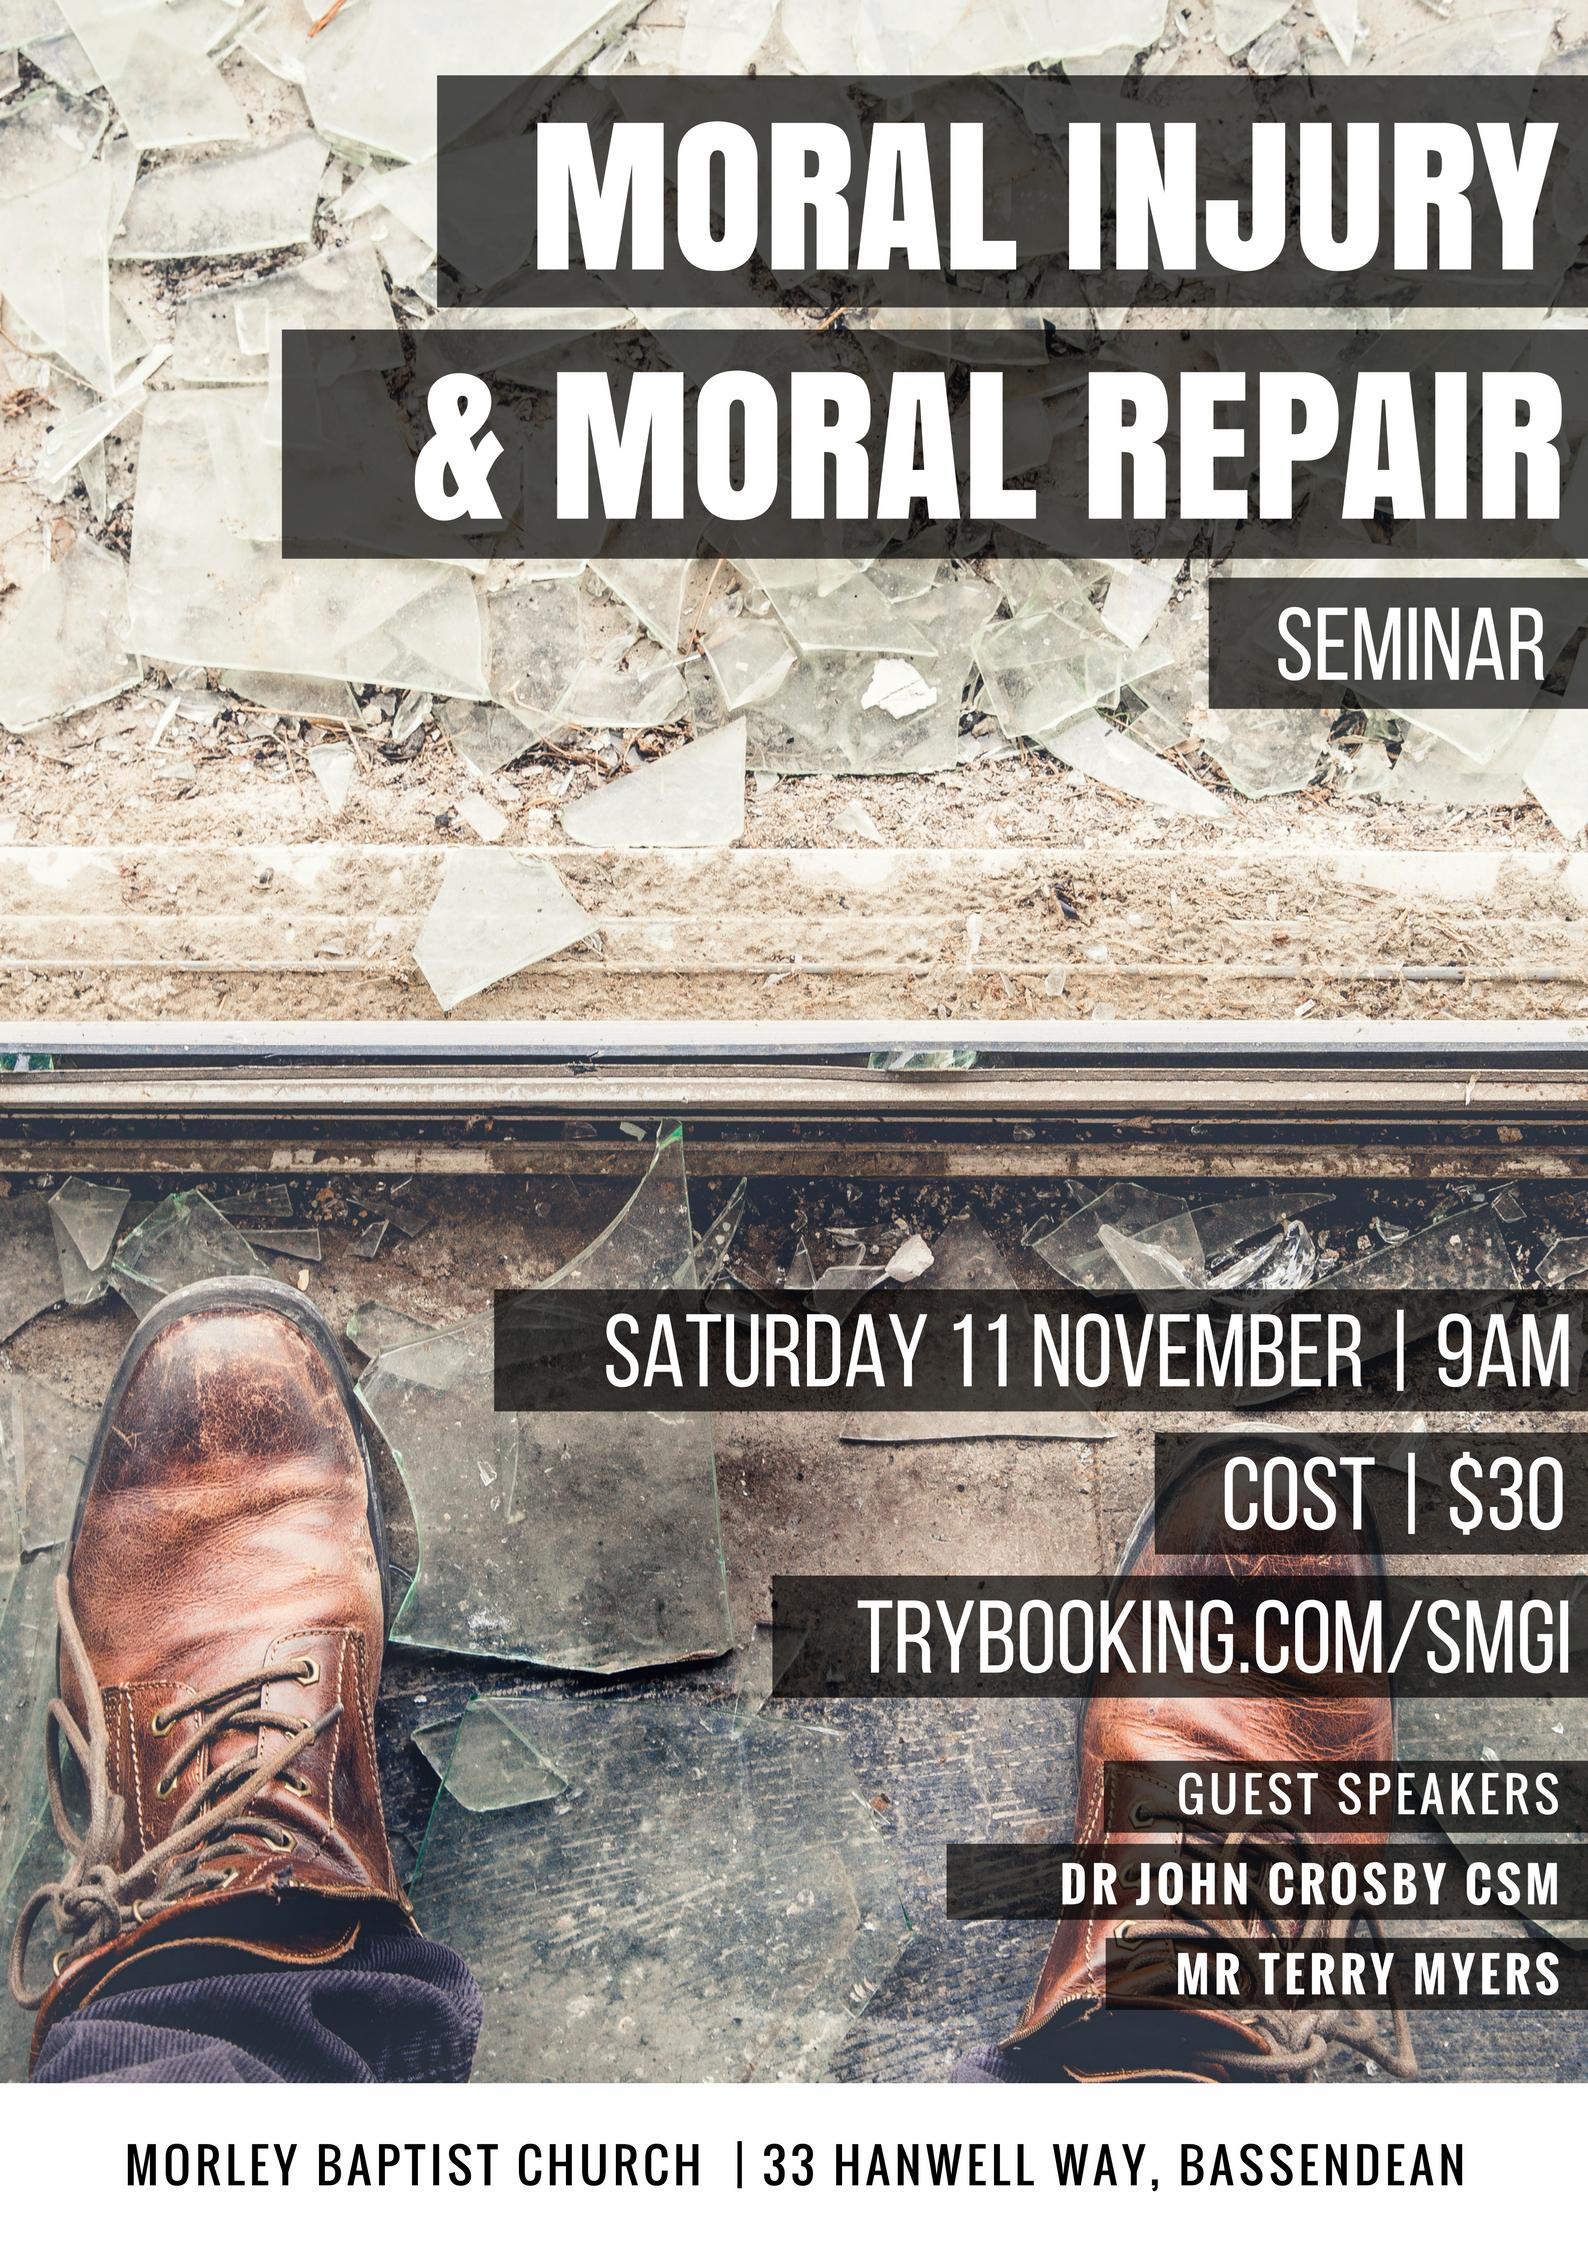 MORAL INJURY AND MORAL REPAIR SEMINAR FRONT COVER-4.jpg